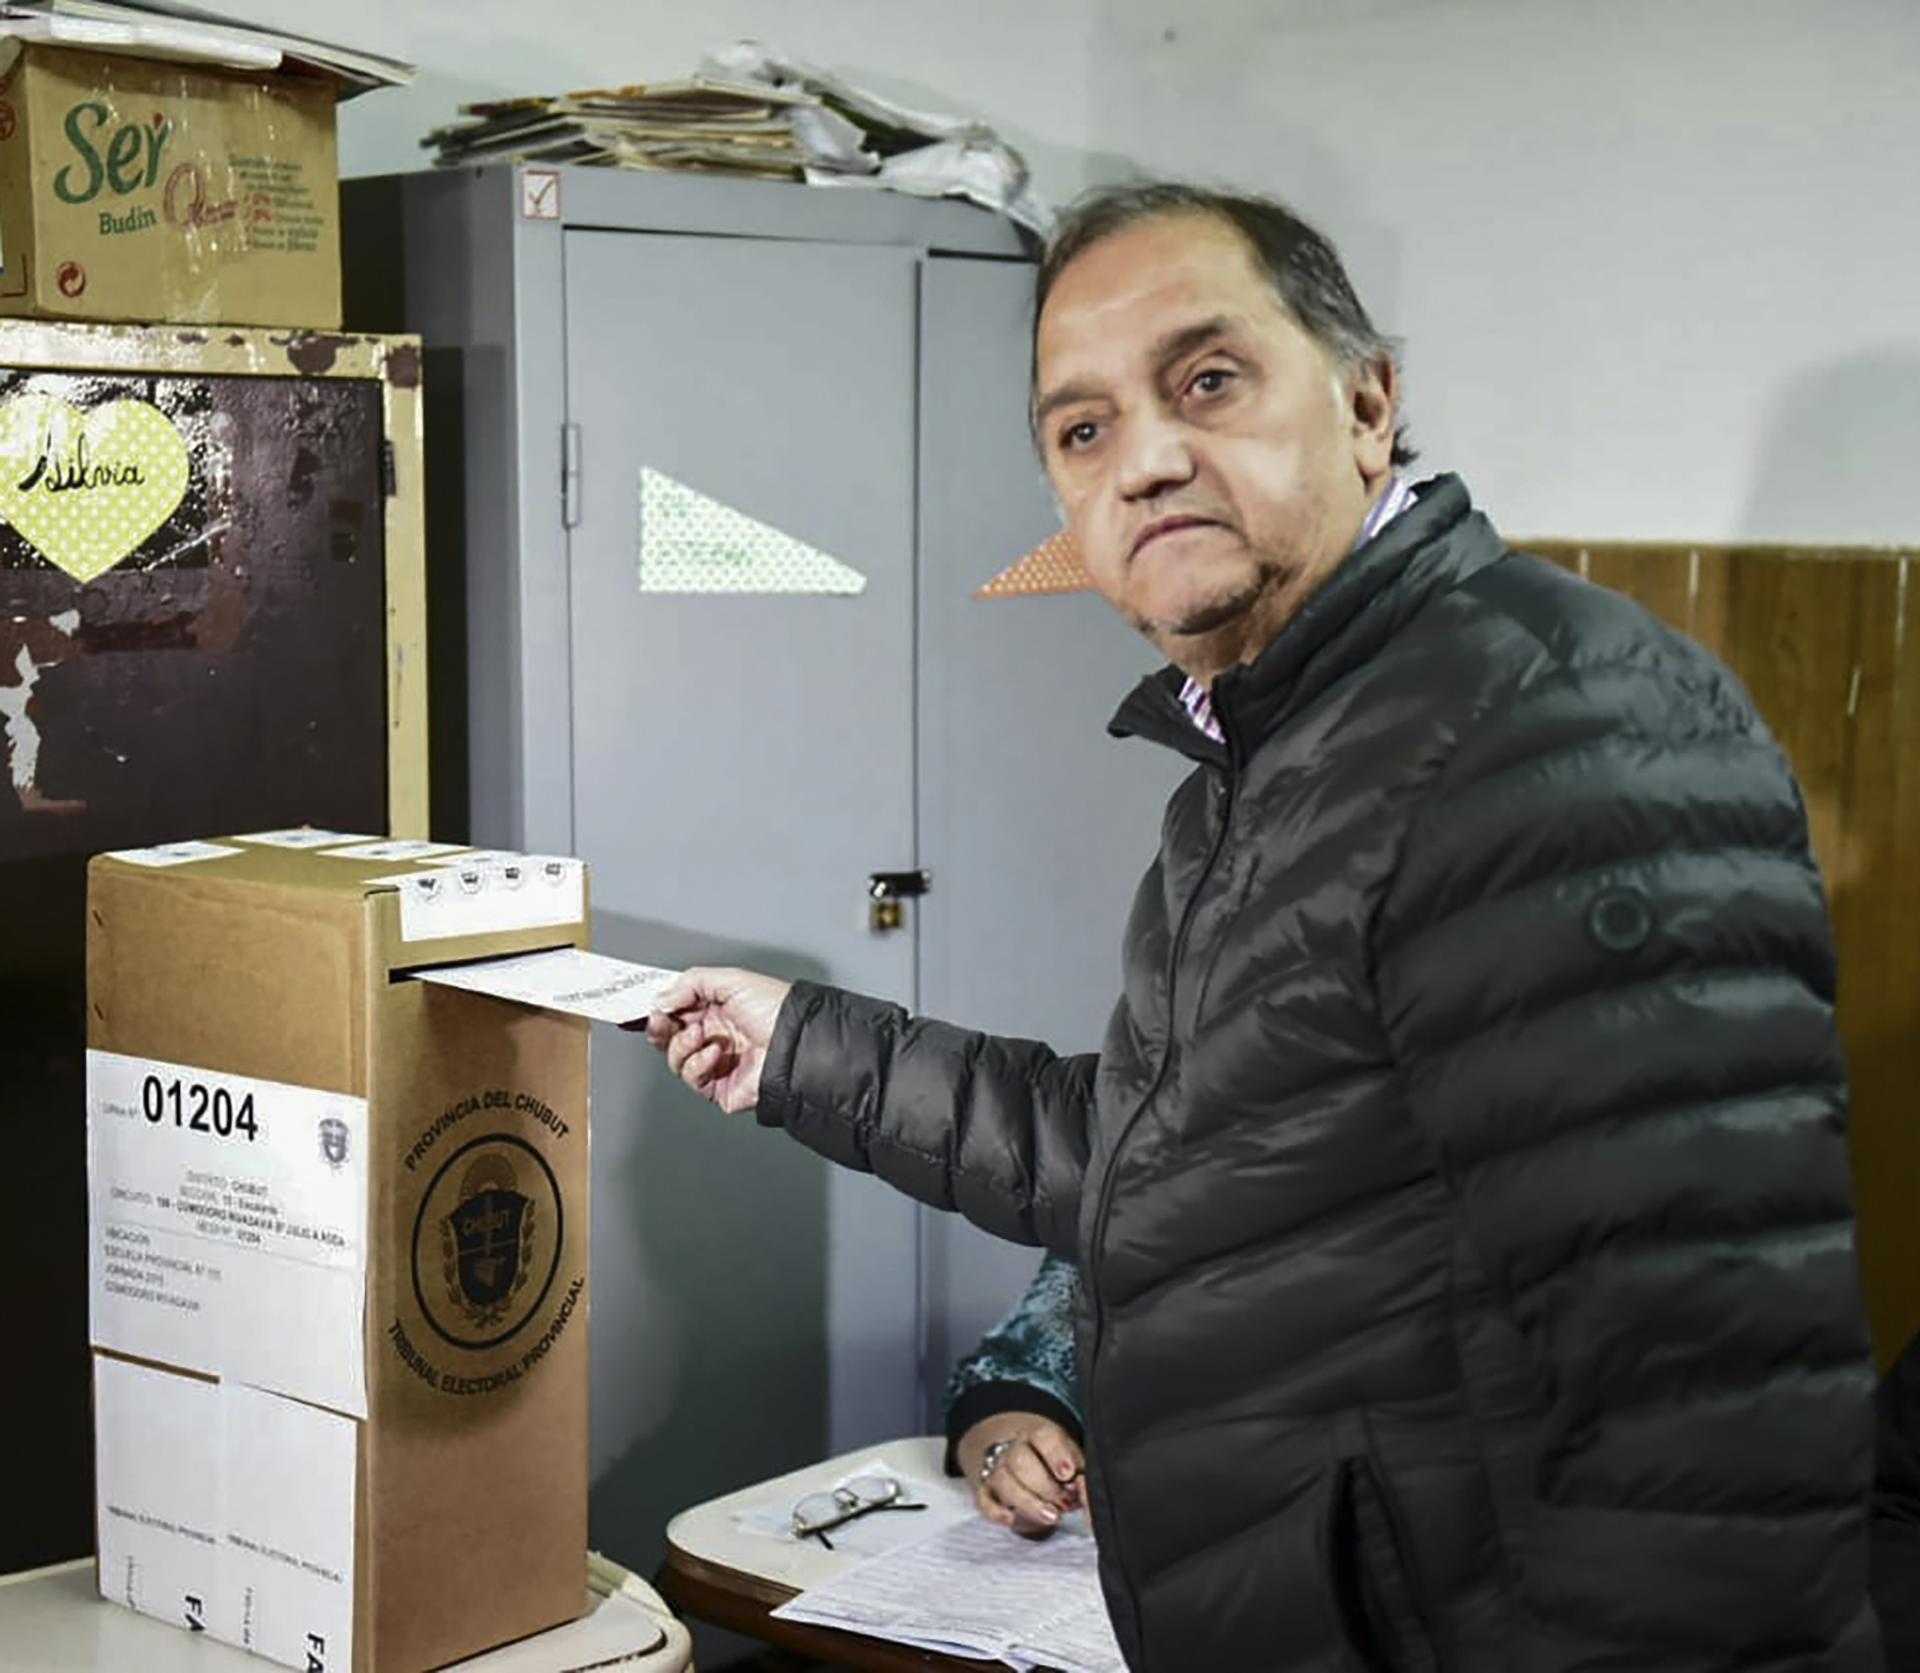 El candidato a la gobernación del Frente Patriótico Chubutense, Carlos Linares,desafía al gobernador Arcioni